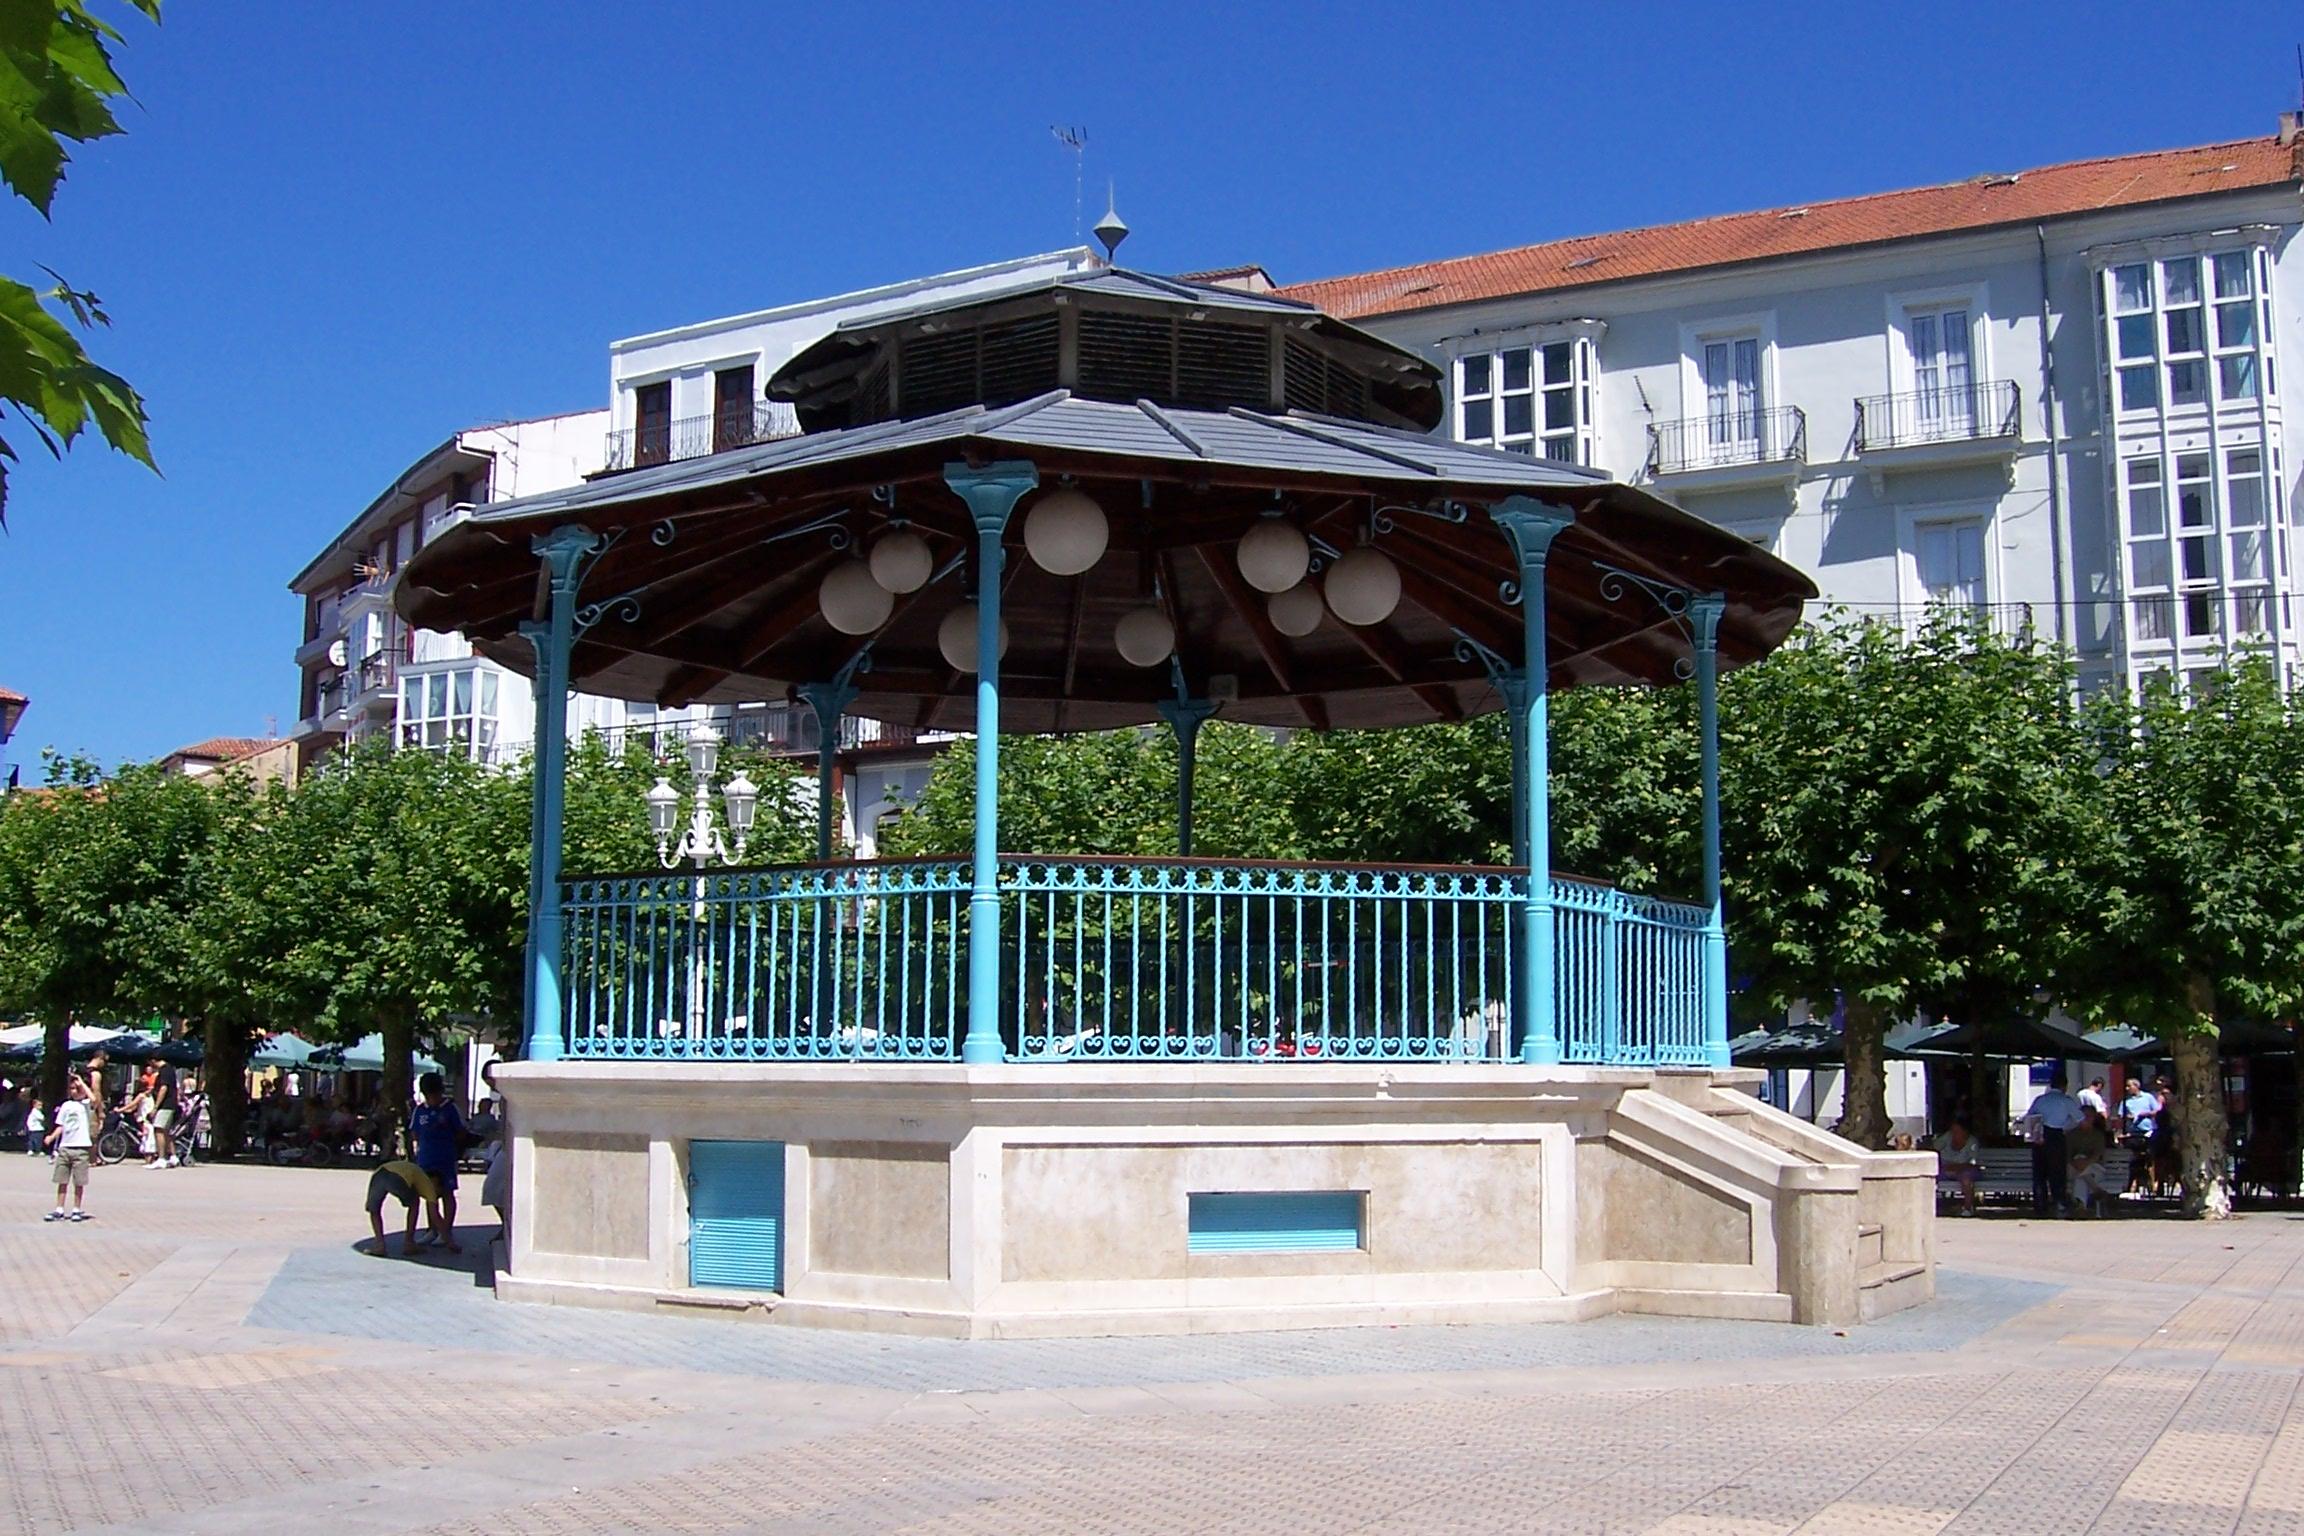 Archivo cantabria santo a plaza de san antonio kiosco lou for Imagenes de kioscos de madera